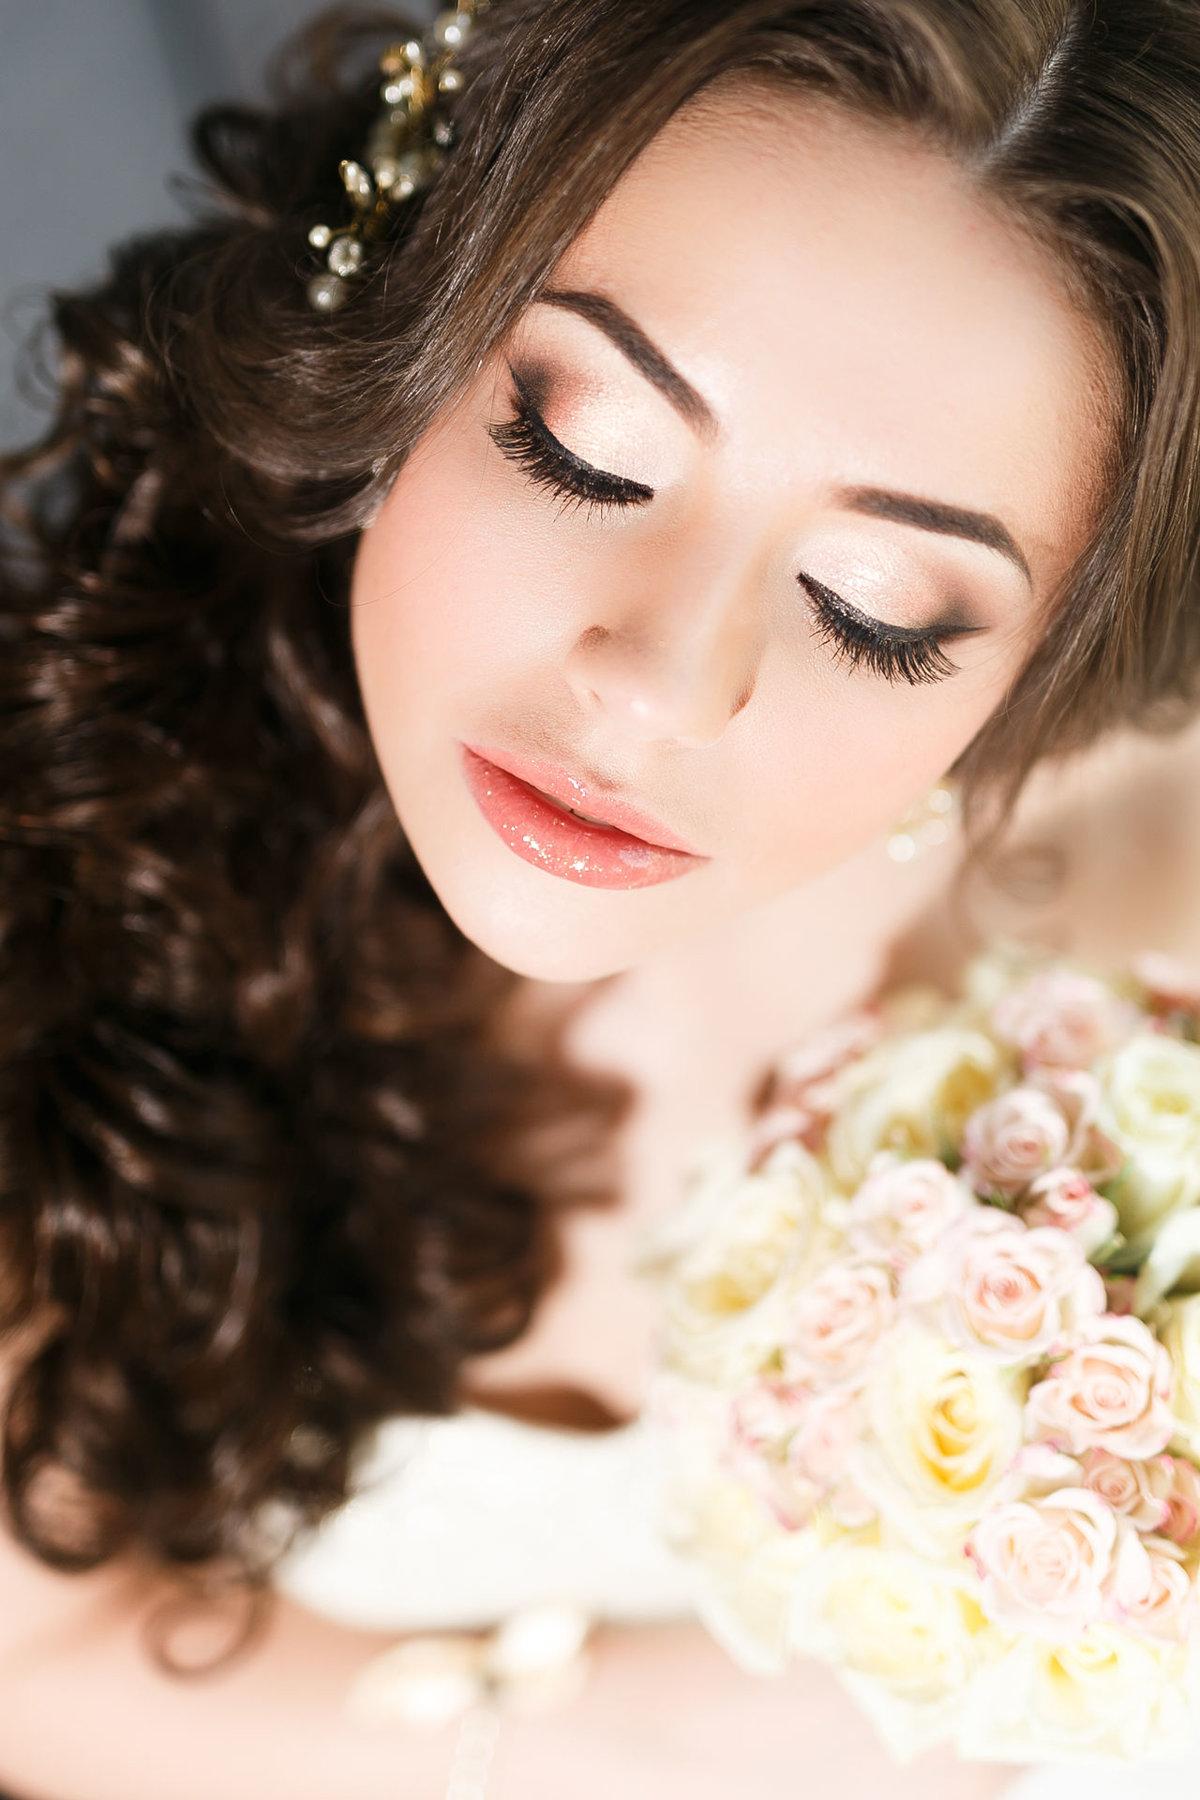 макияж для невесты картинка прекрасно